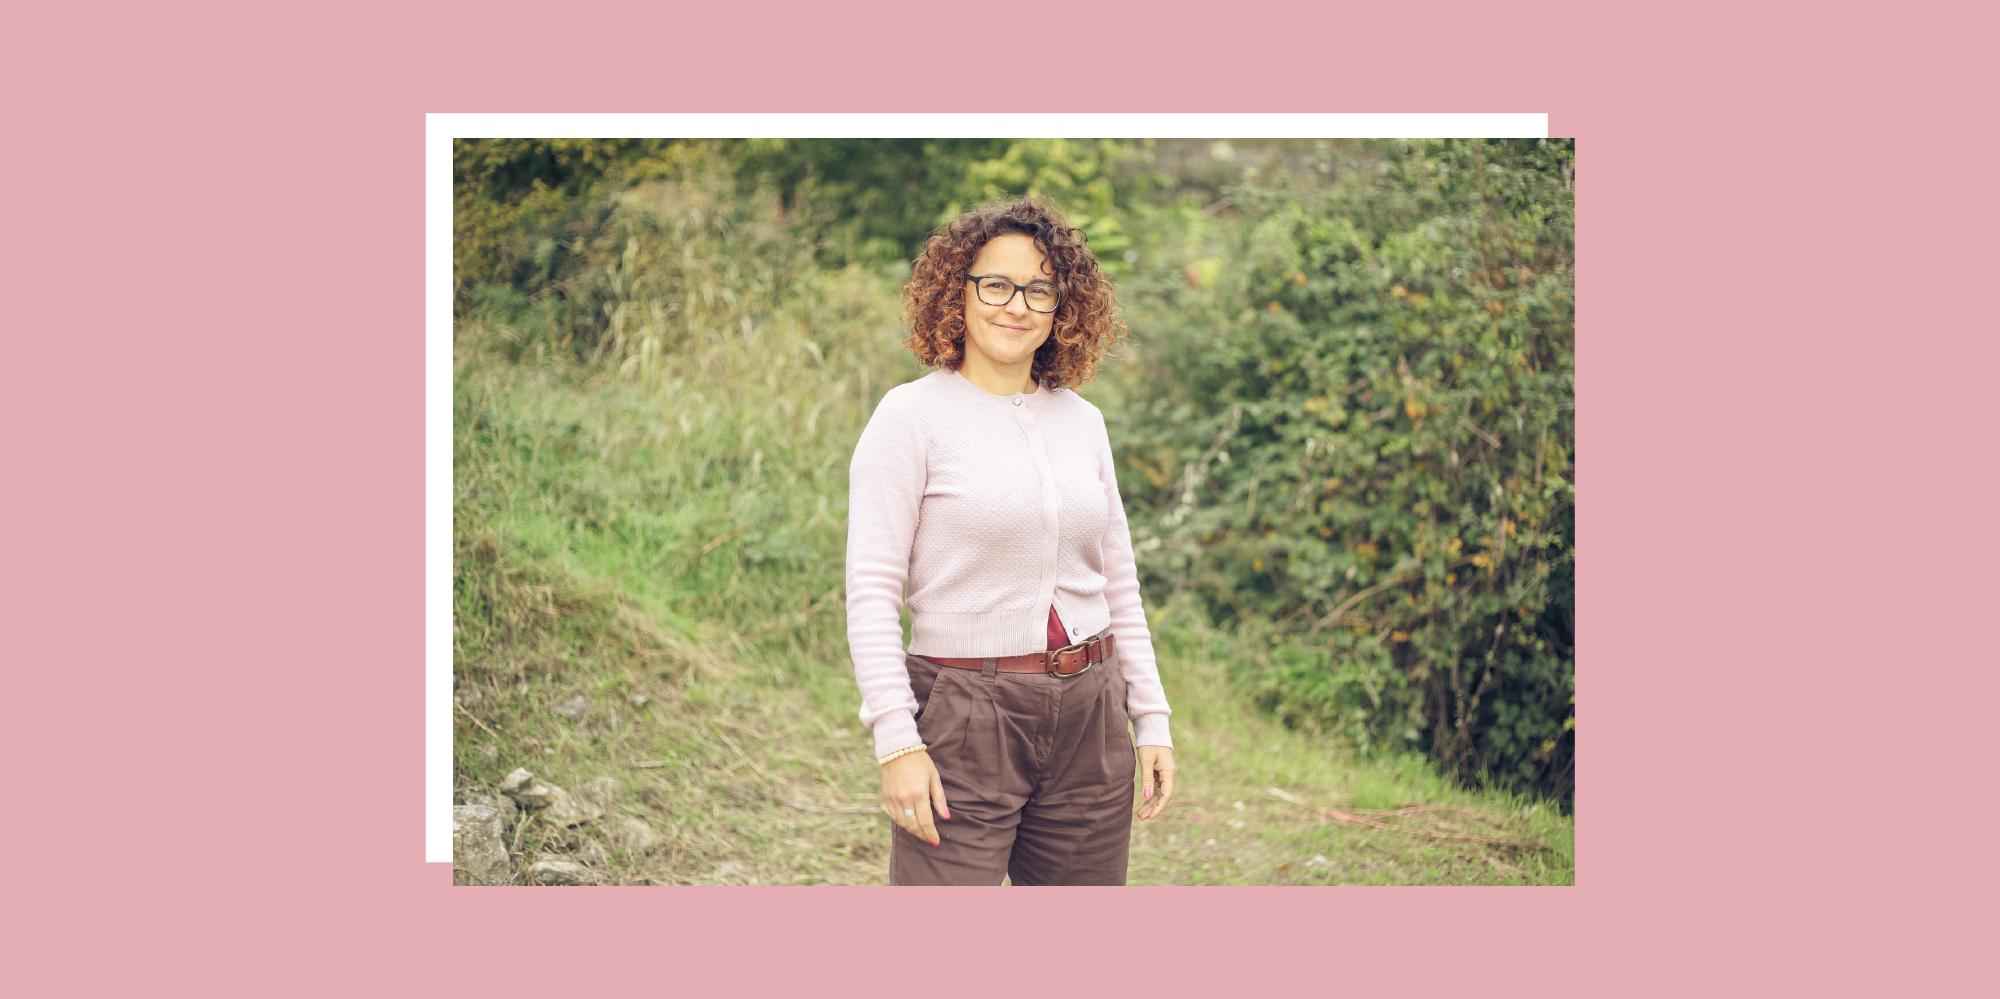 foto-profilo-cornice-2000x999